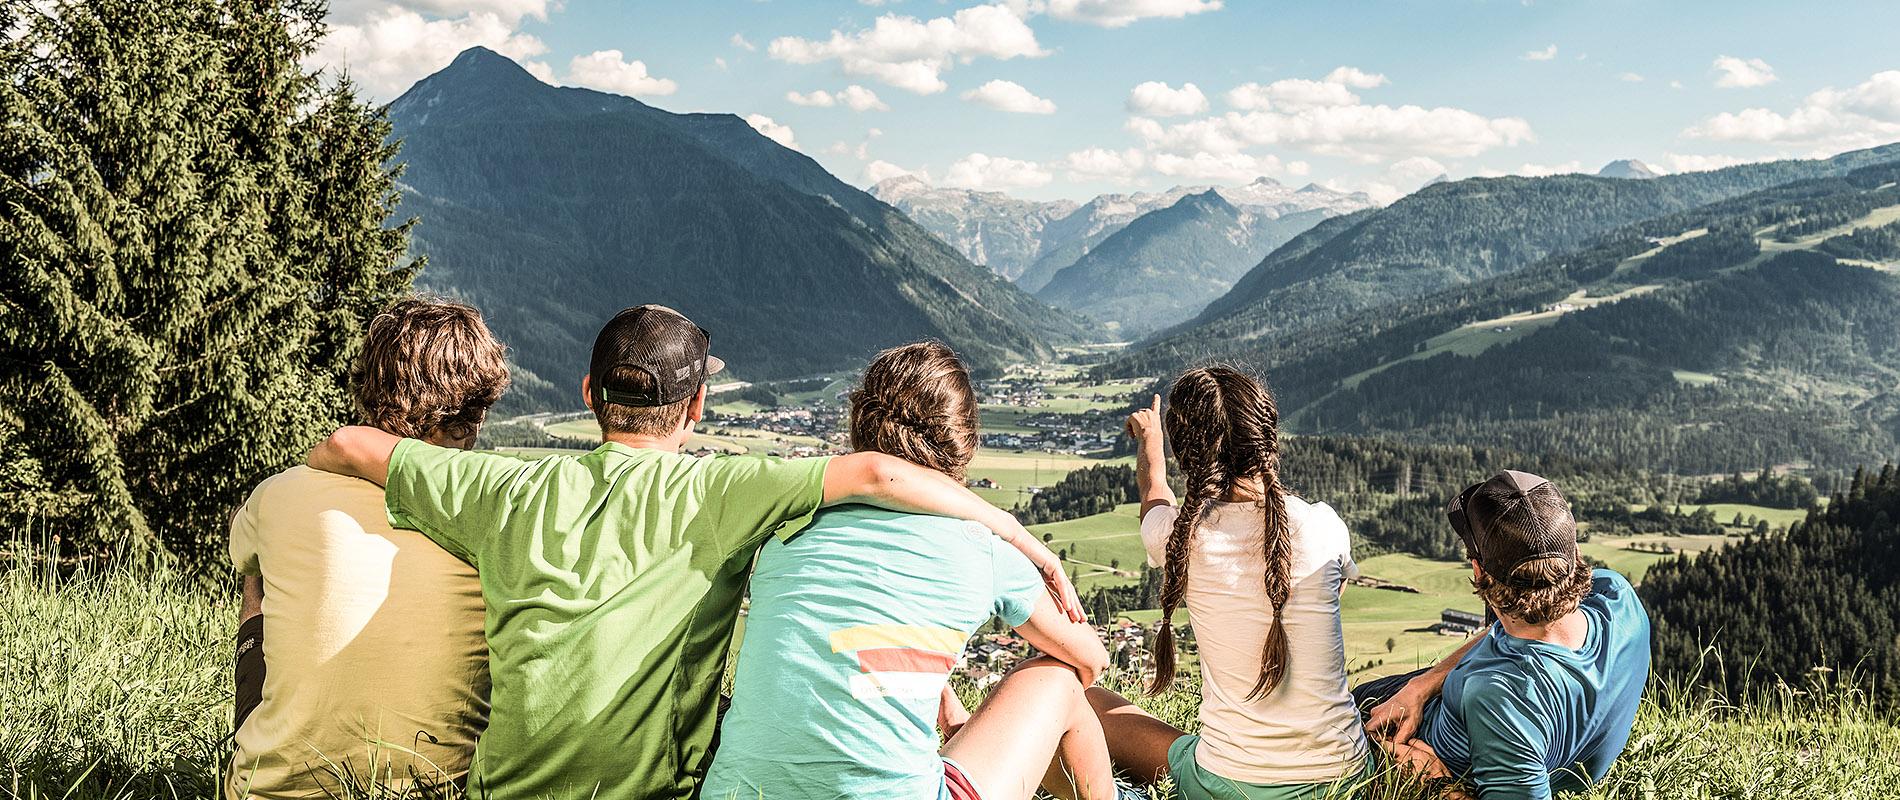 Checkliste Wanderurlaub Wandertour Flachau Österreich Sporthotel Familienwanderung Hotel harmls